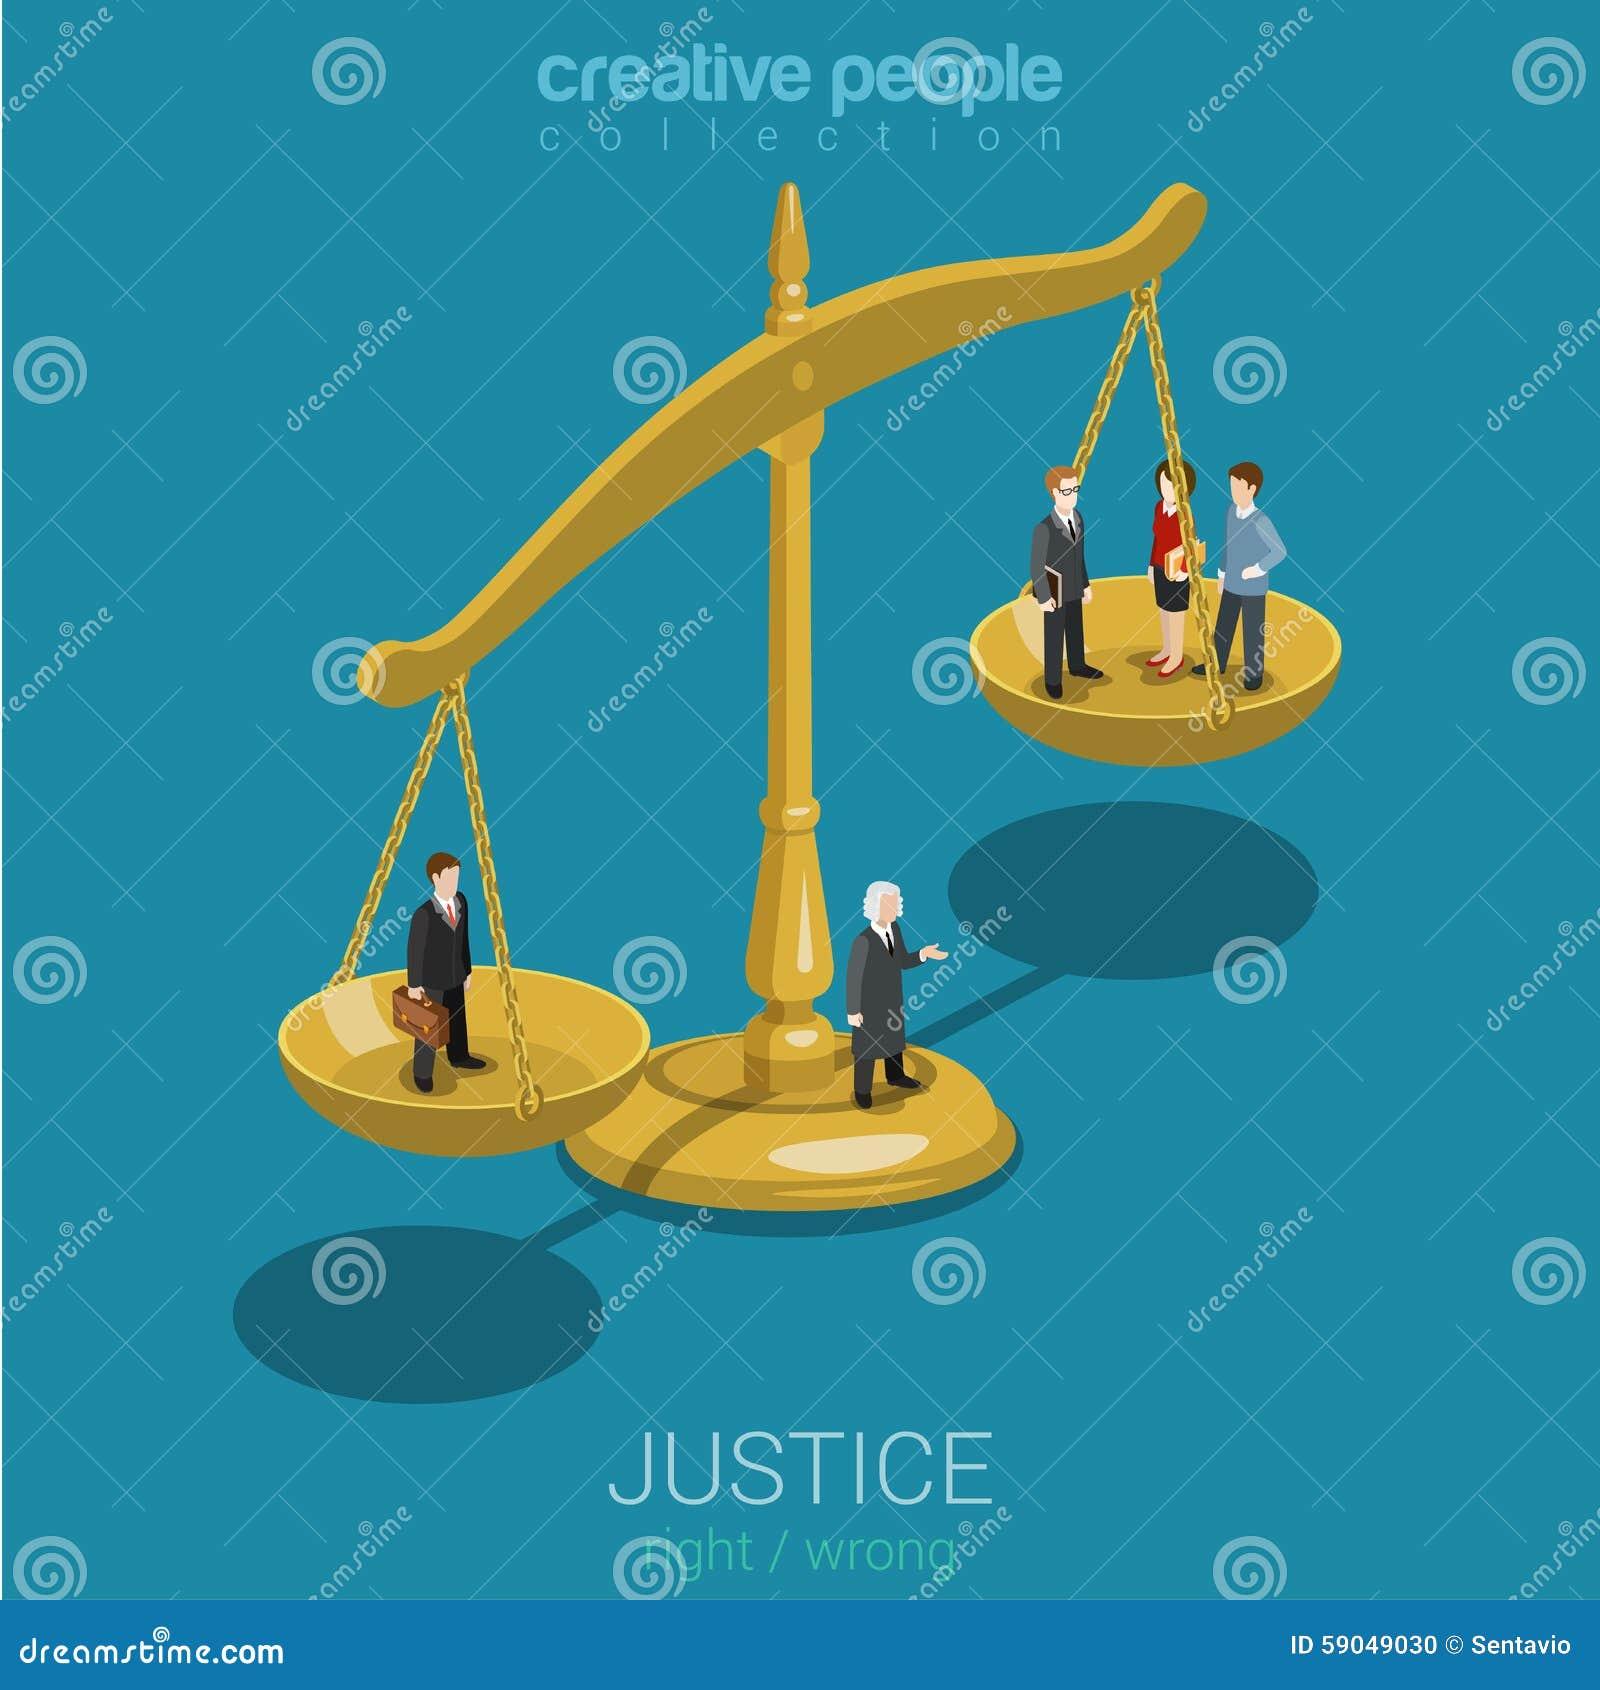 Sprawiedliwość i mieszkania 3d isometric pojęcie prawa, osądzenia i decyzi,